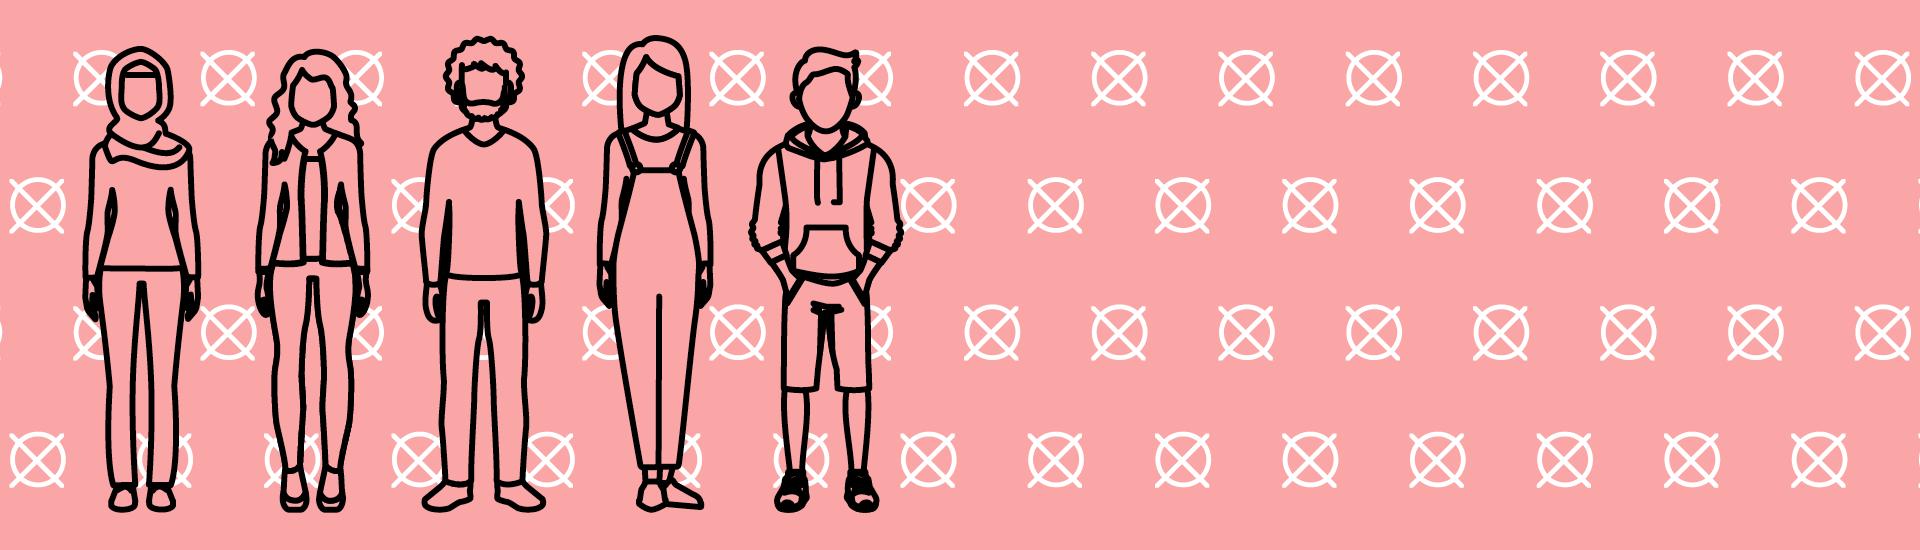 Wählerinnen und Wähler im Hintergrund: Wahlkreuze